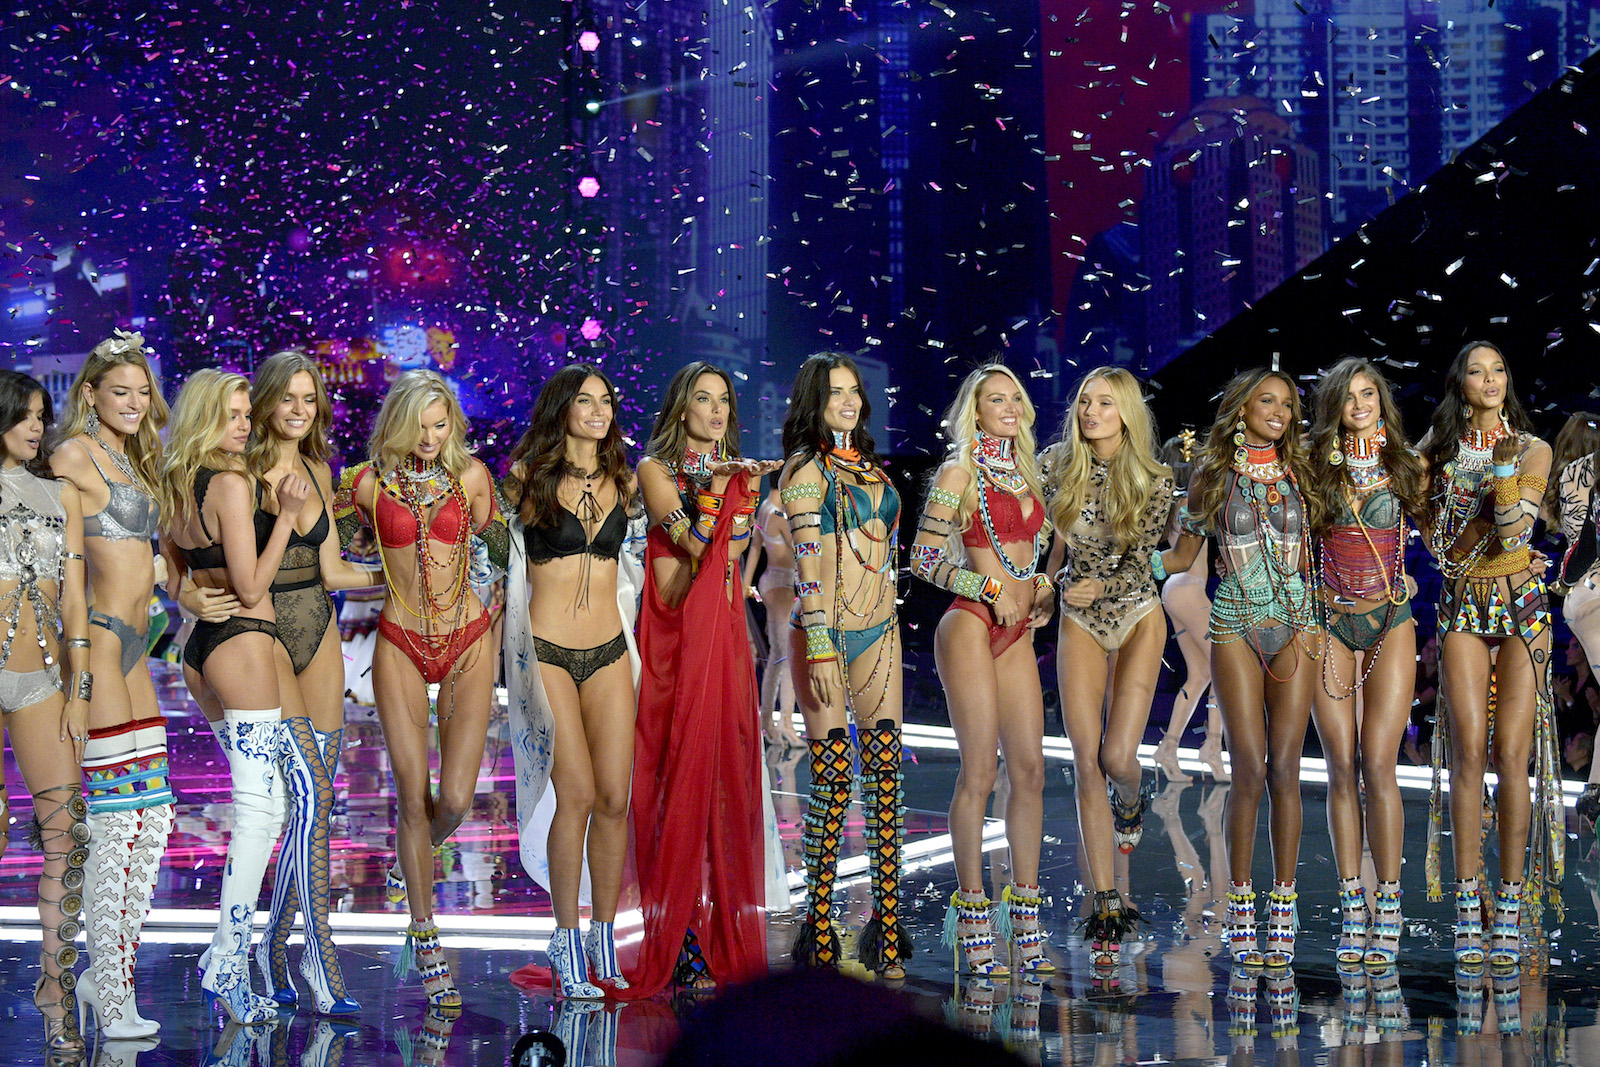 victorias-secret-sexiest-runway-looks-ever-main-image.jpg